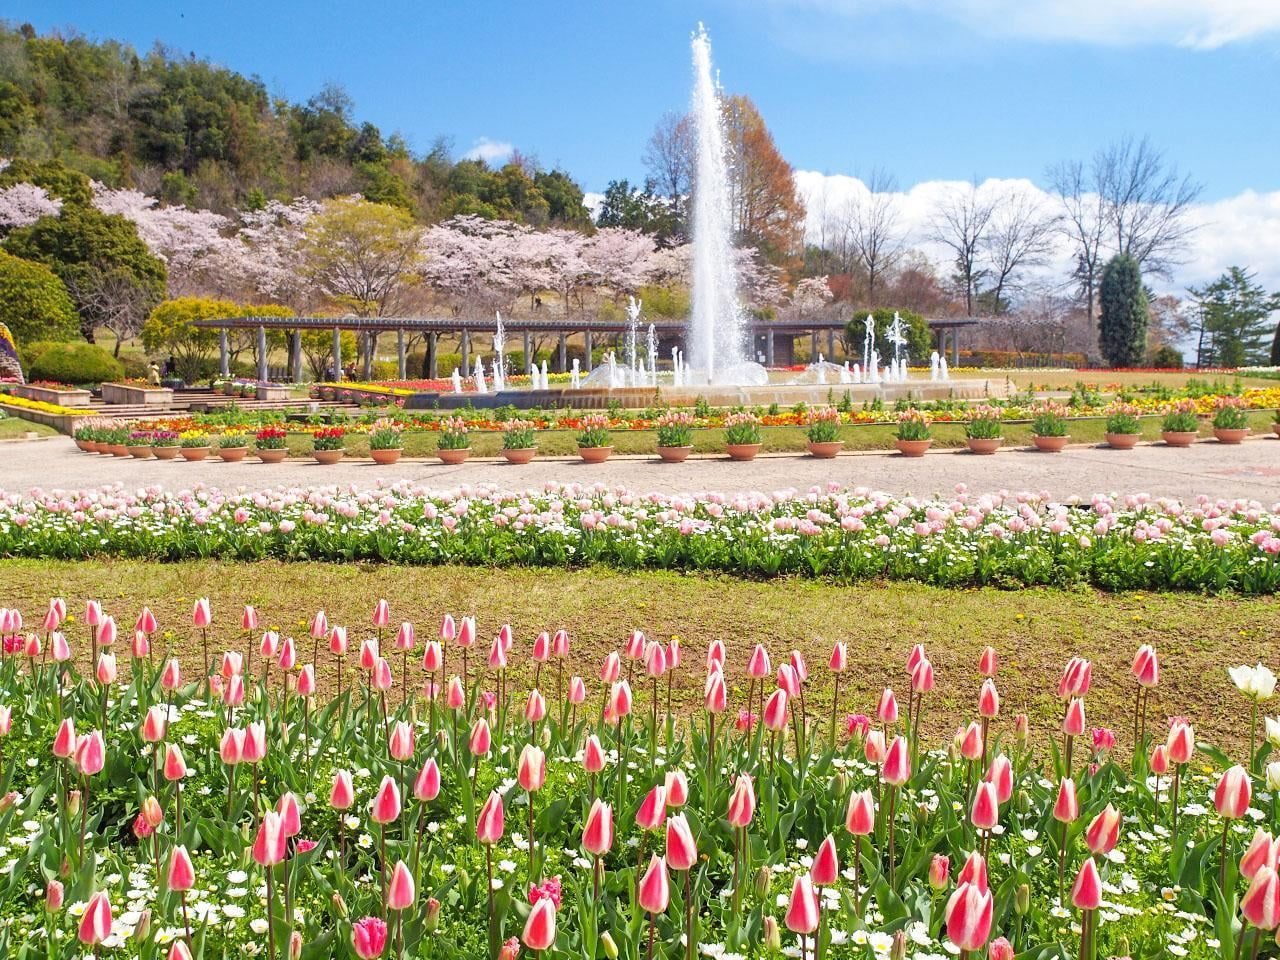 チューリップまつり2020【加西・兵庫県立フラワーセンター】色鮮やかな春を満喫!